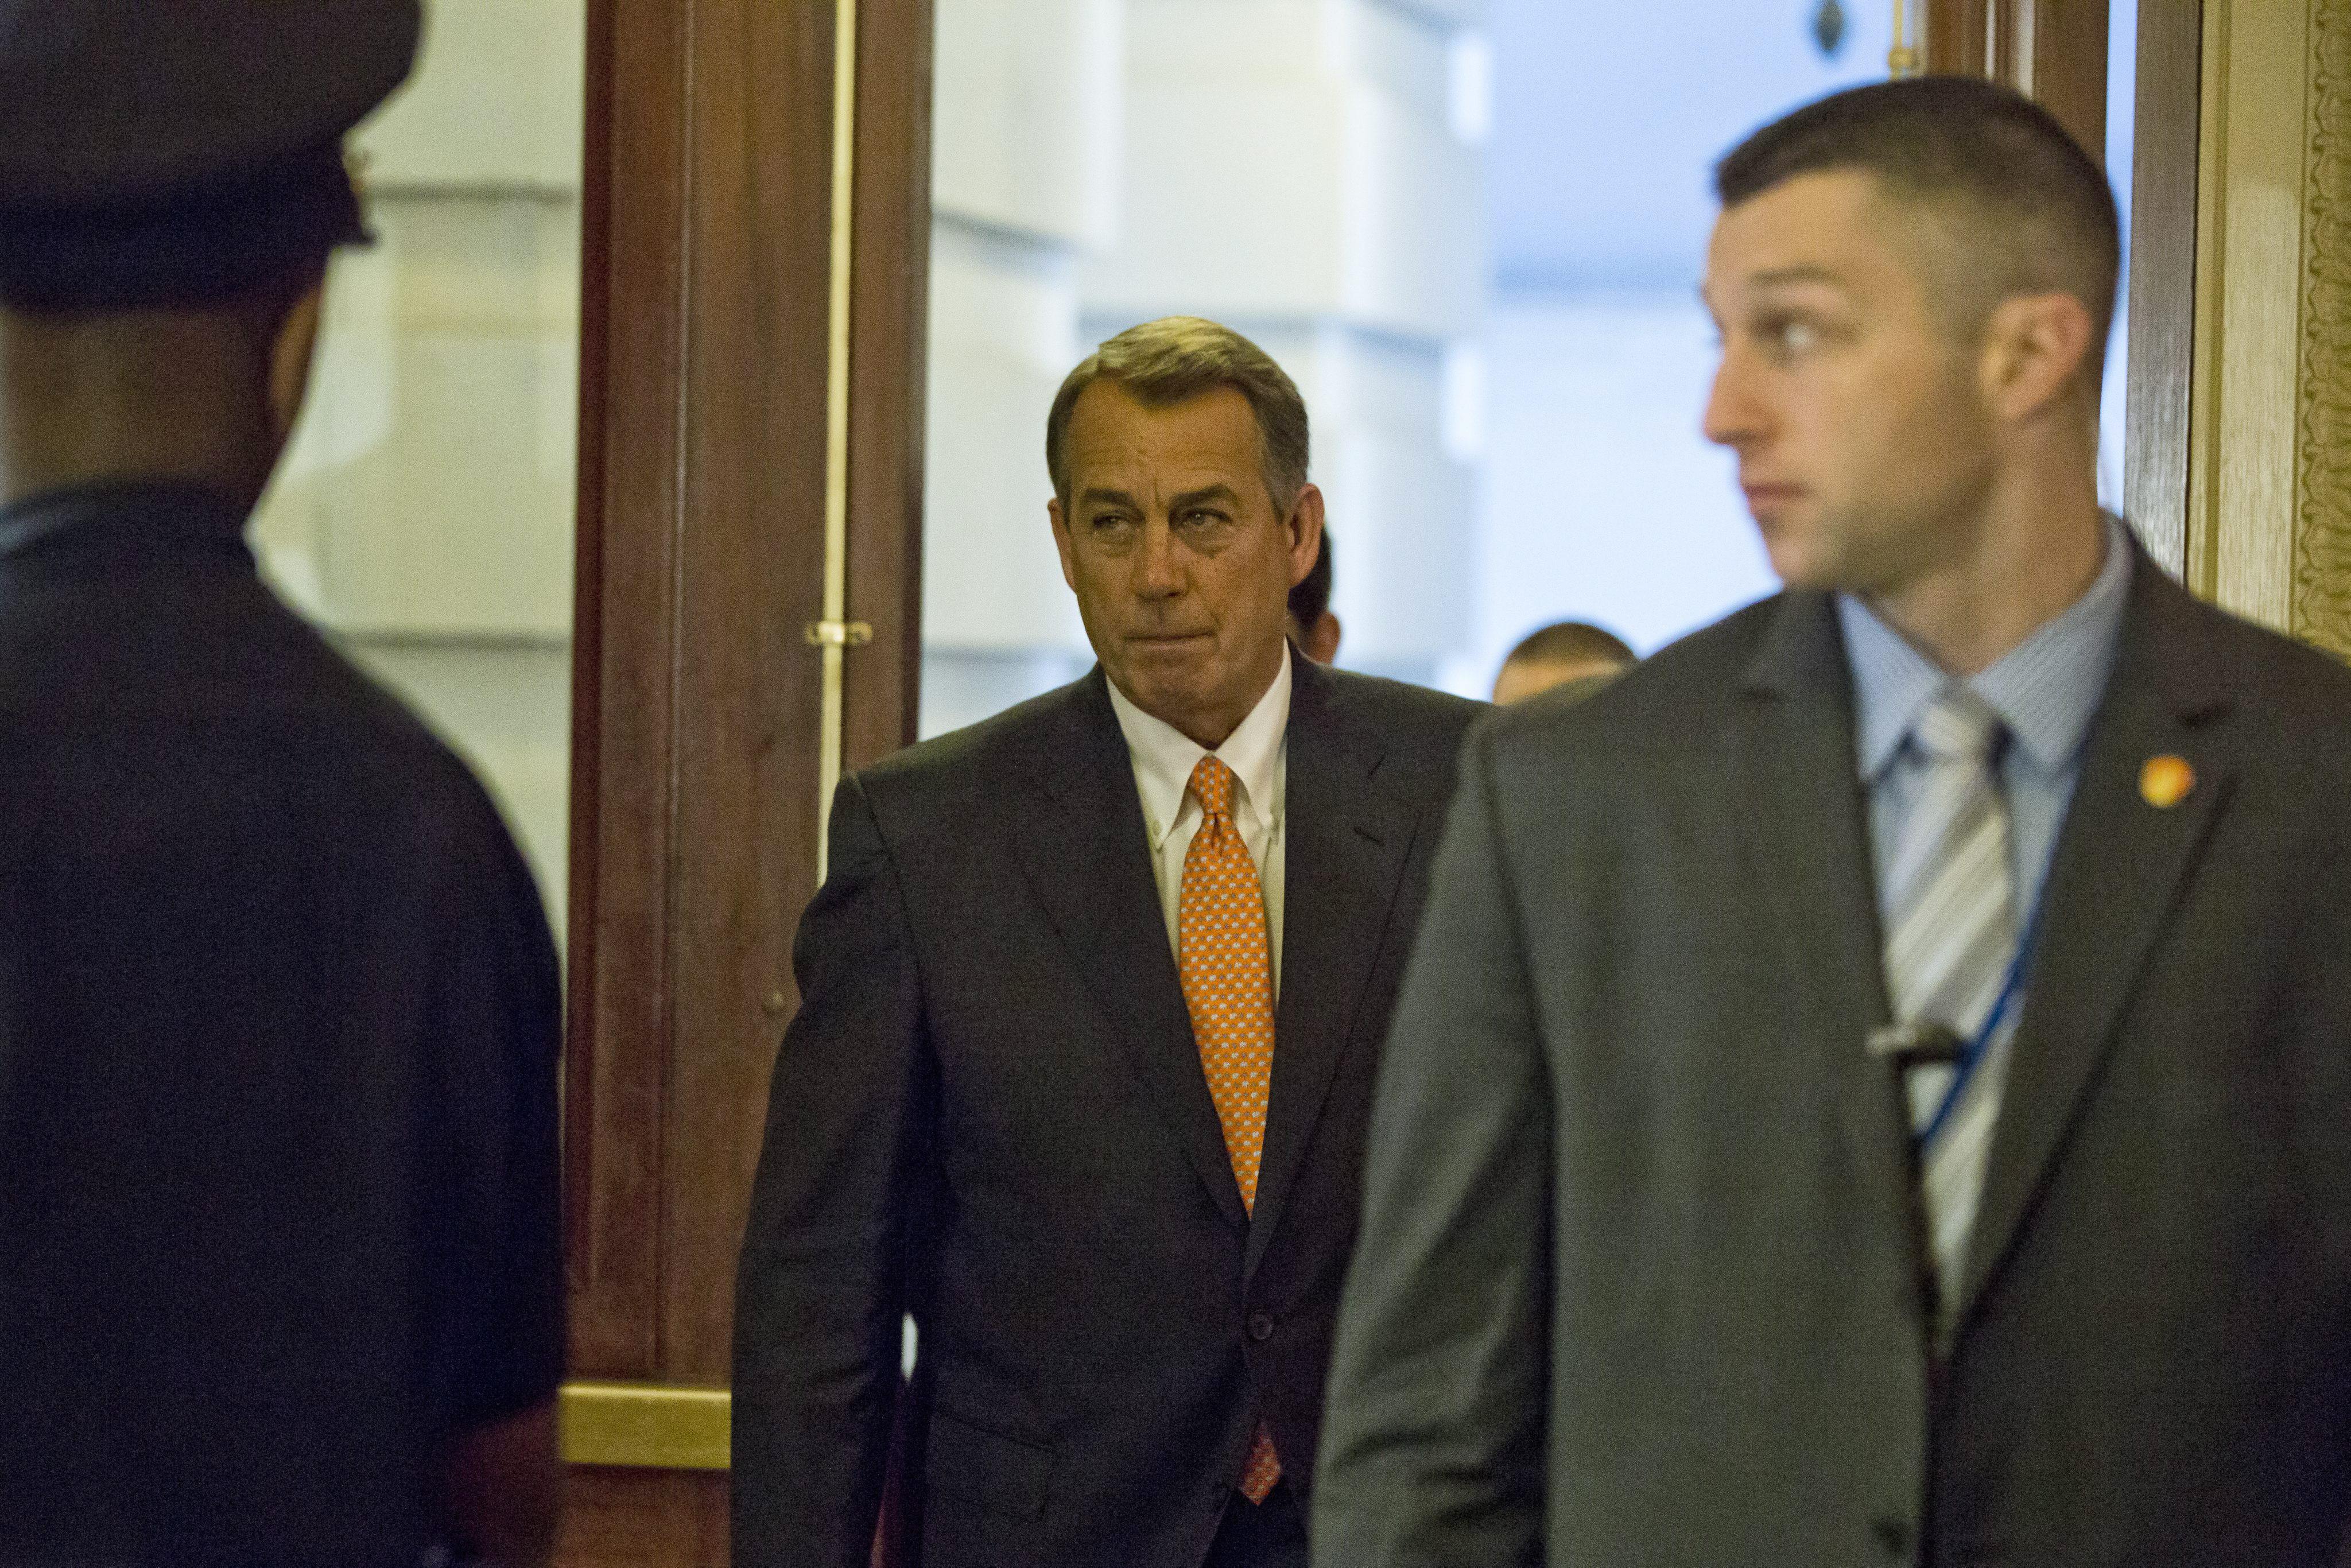 Los republicanos del Senado bloquean una propuesta para elevar el techo de la deuda